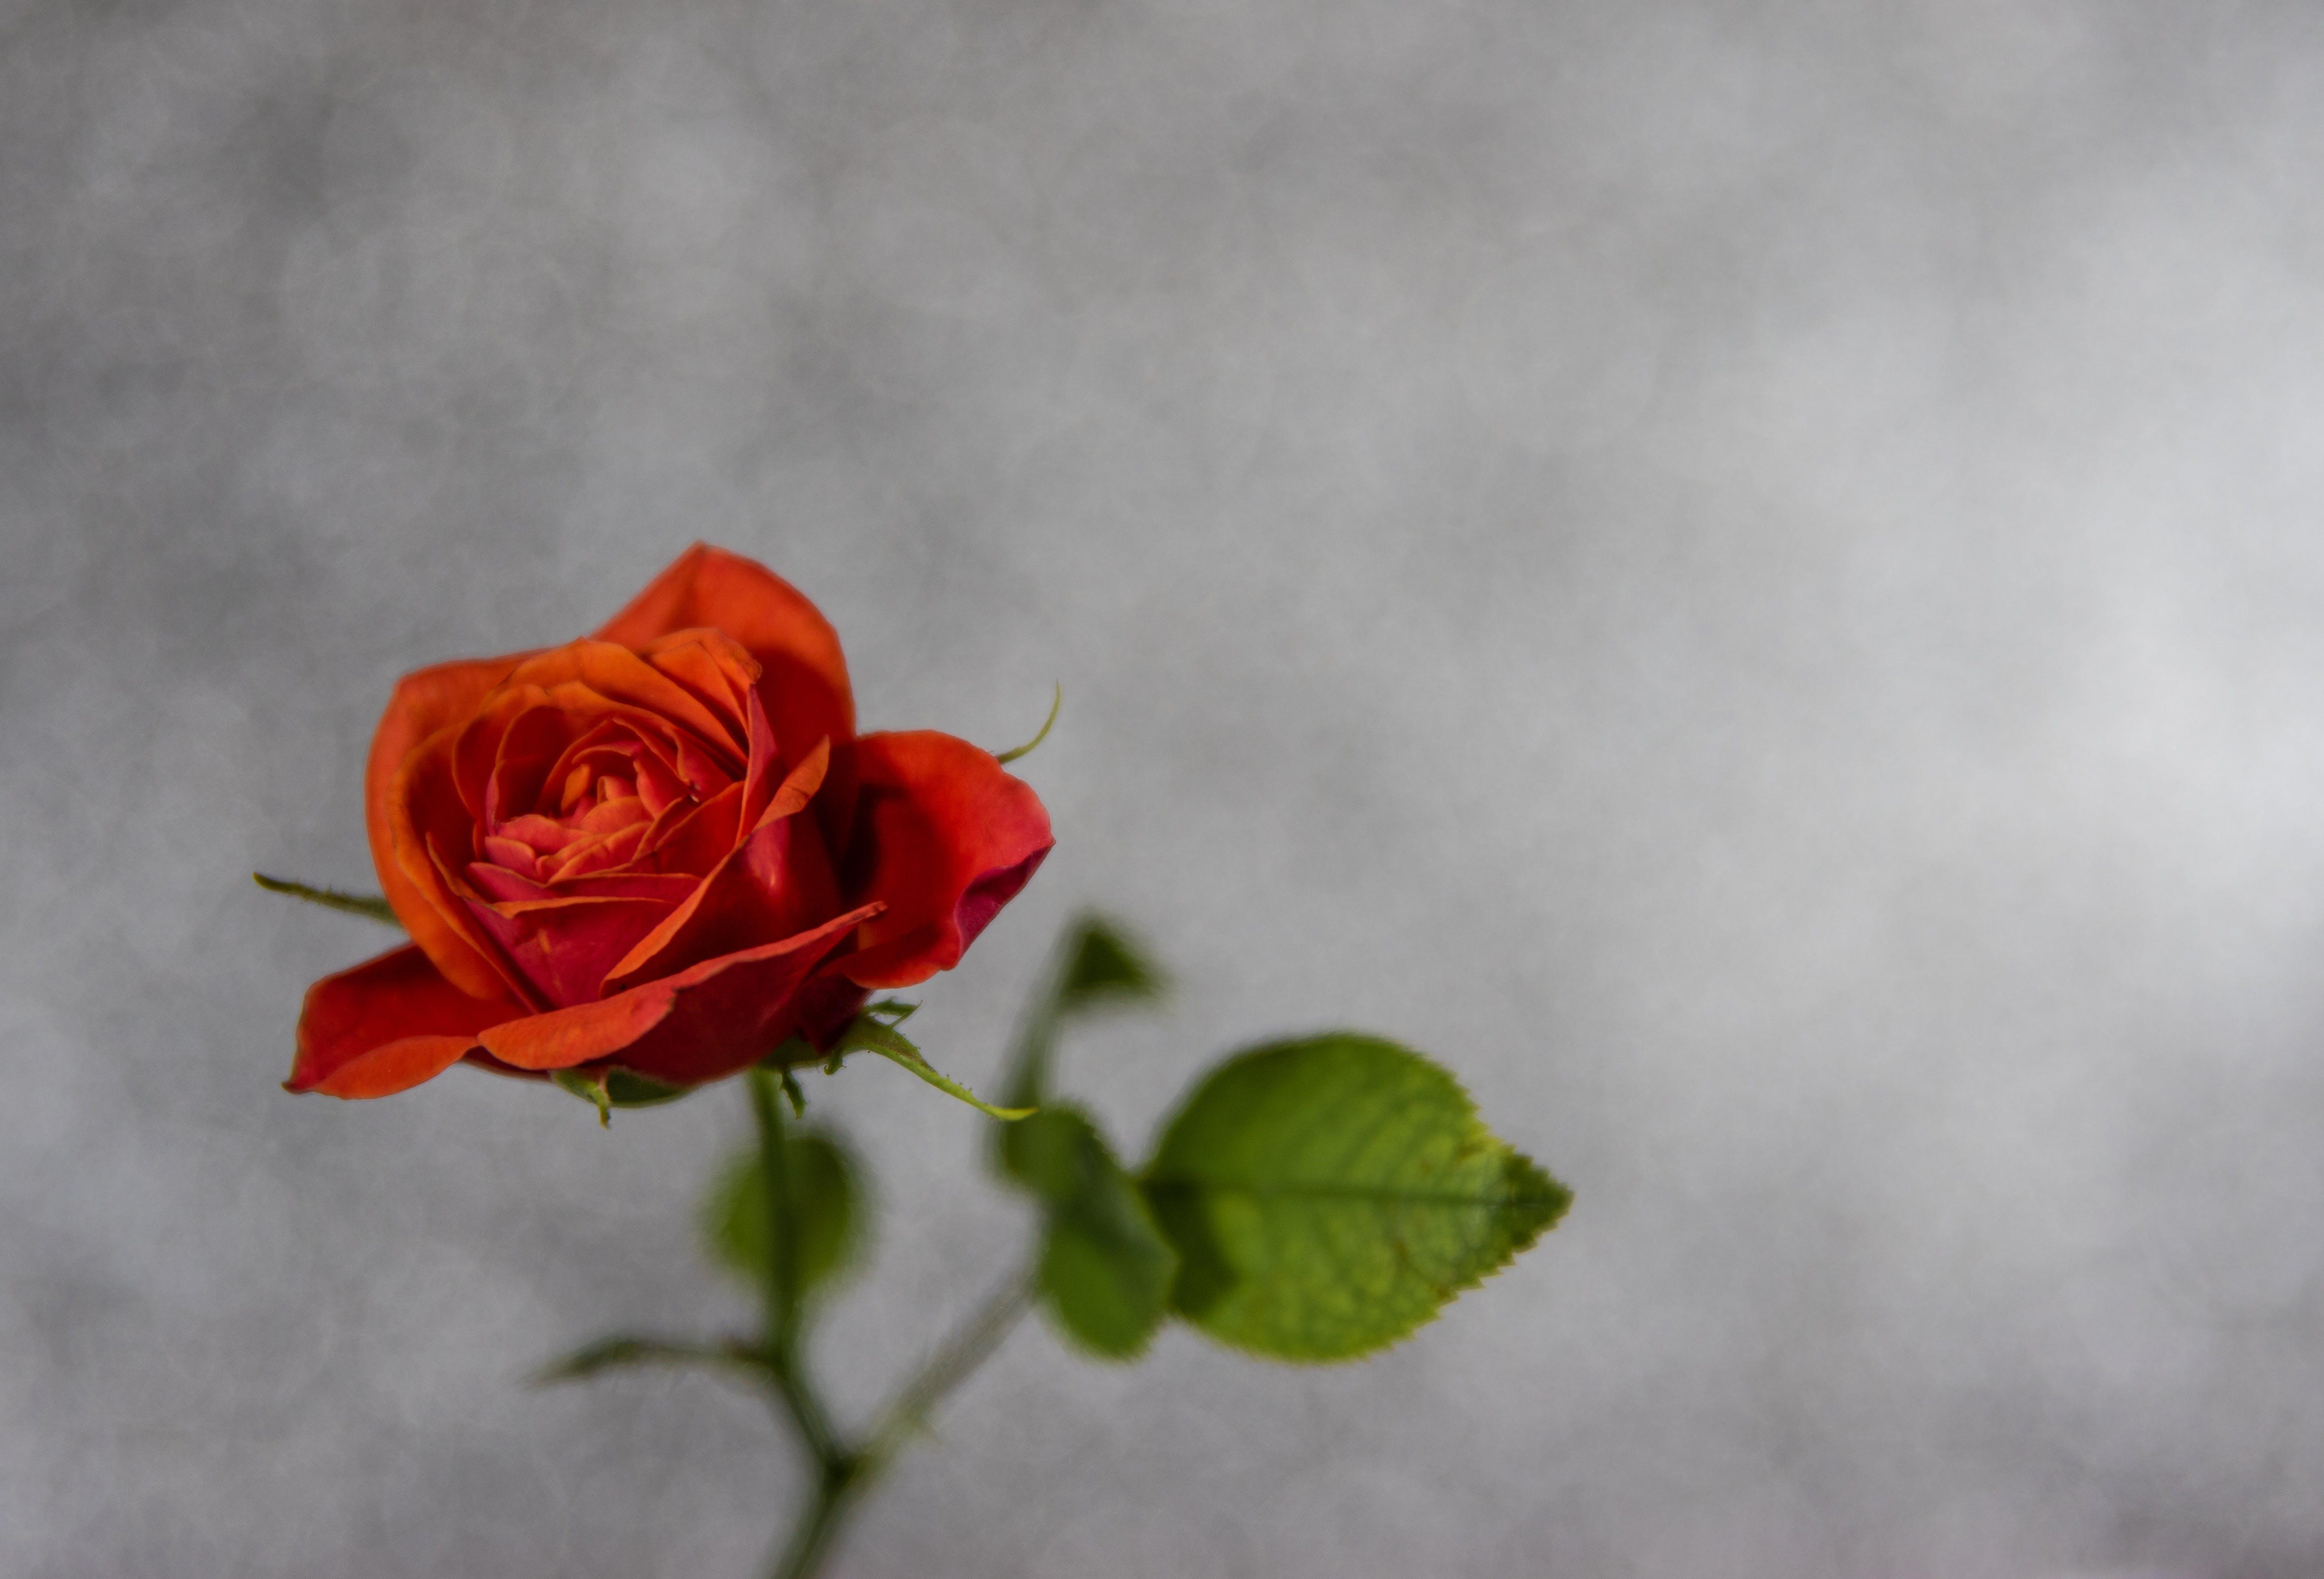 คลังภาพถ่ายฟรี ของ กลีบดอก, กำลังบาน, ความรัก, พฤกษา